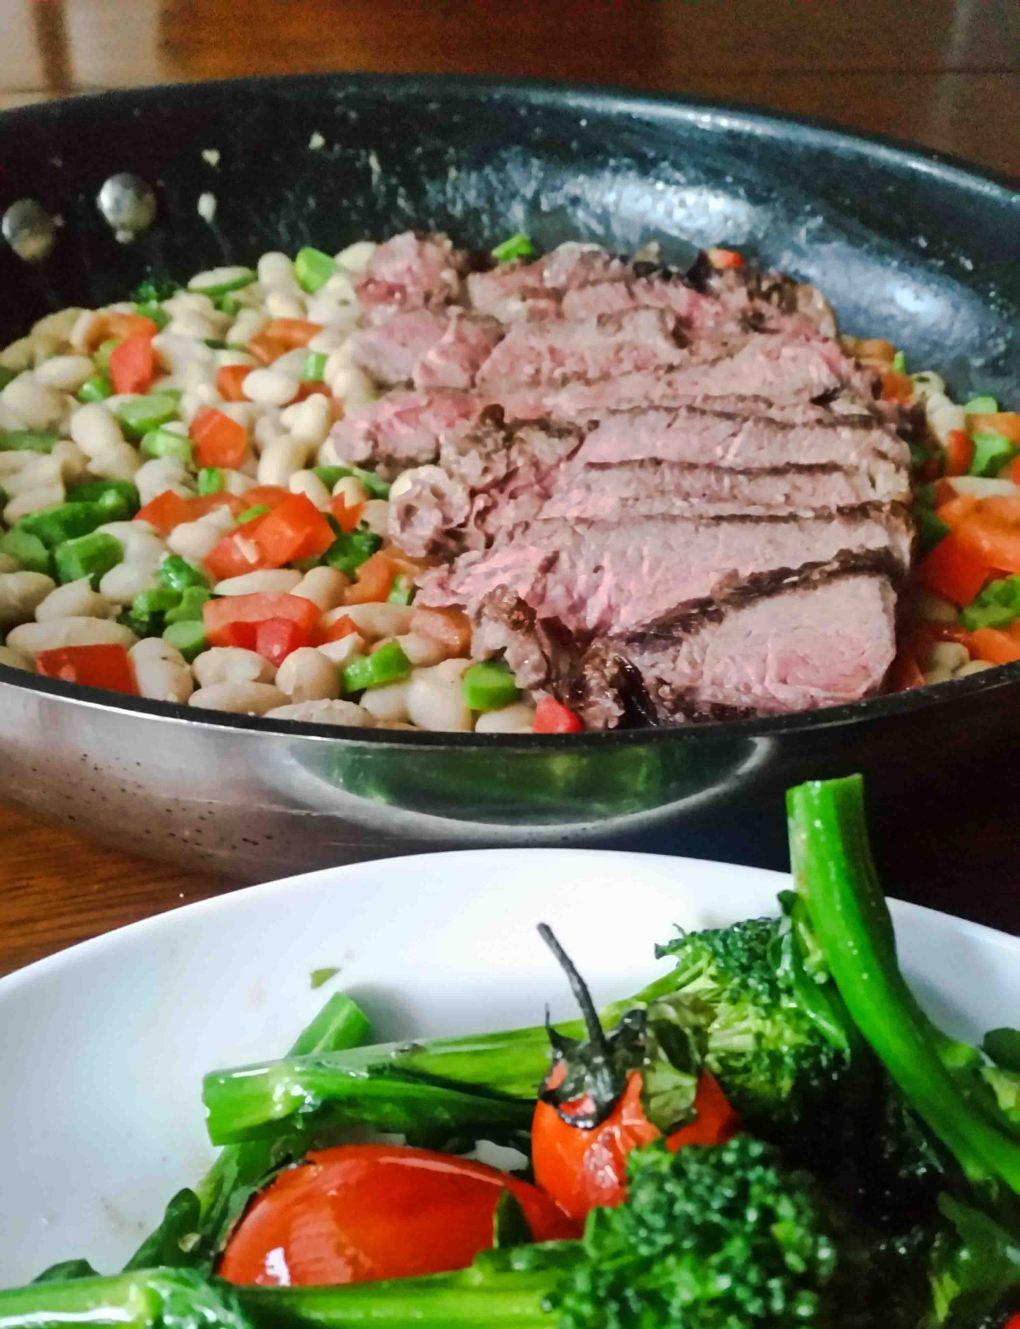 Italian steak